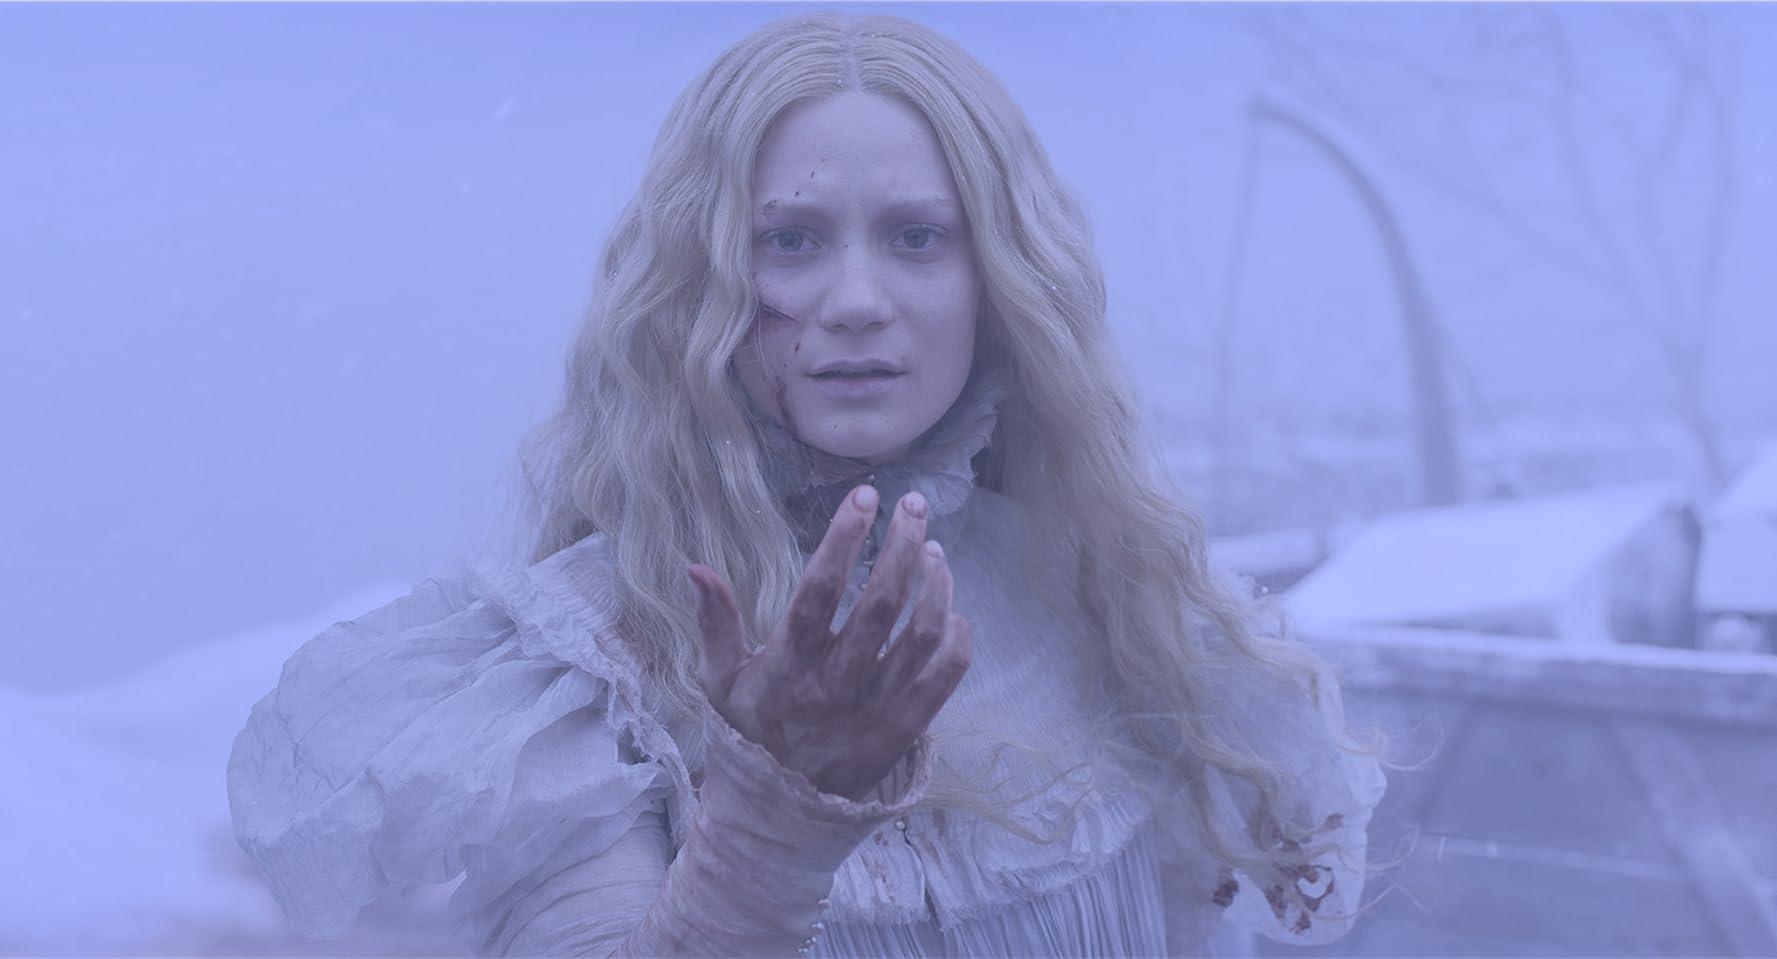 Mia Wasikowska in Crimson Peak (2015)